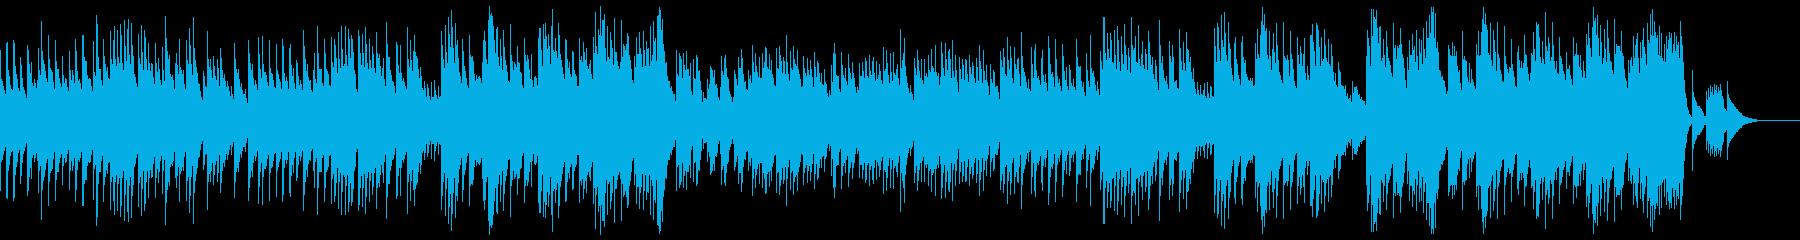 深夜の透明なオルゴールの再生済みの波形